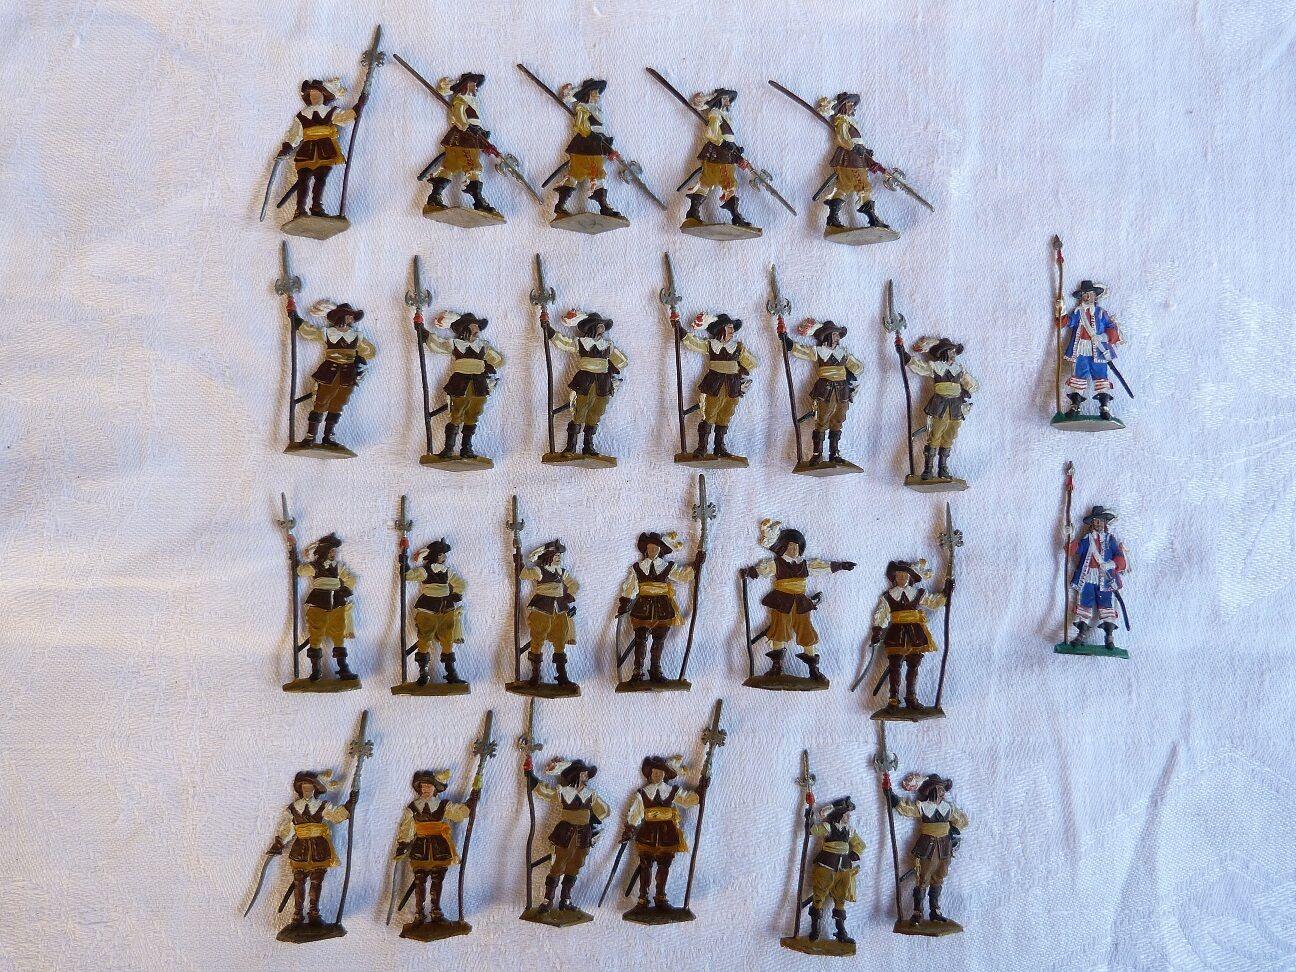 Plats d'étain - - - flat tin - zinnfiguren   25 soldats de la guerre de 30 ans 1f676e